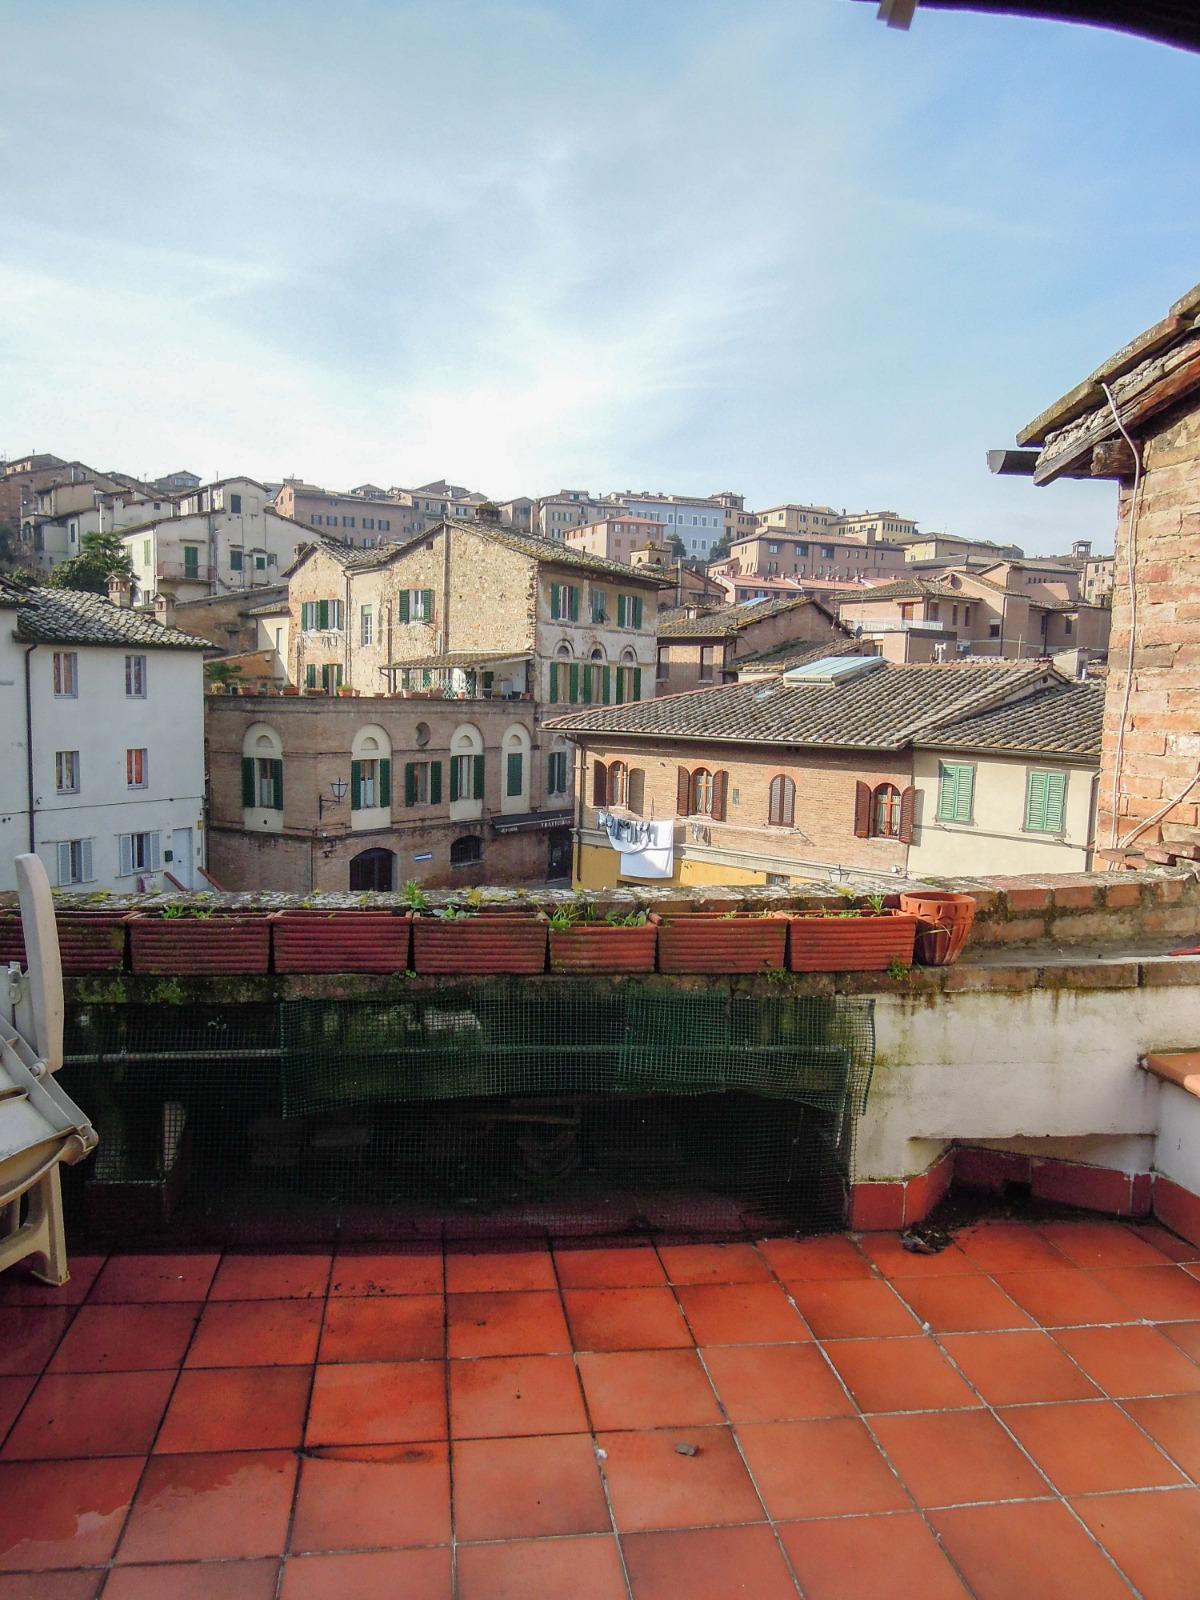 Siena  Centro storico (Contrada della lupa)